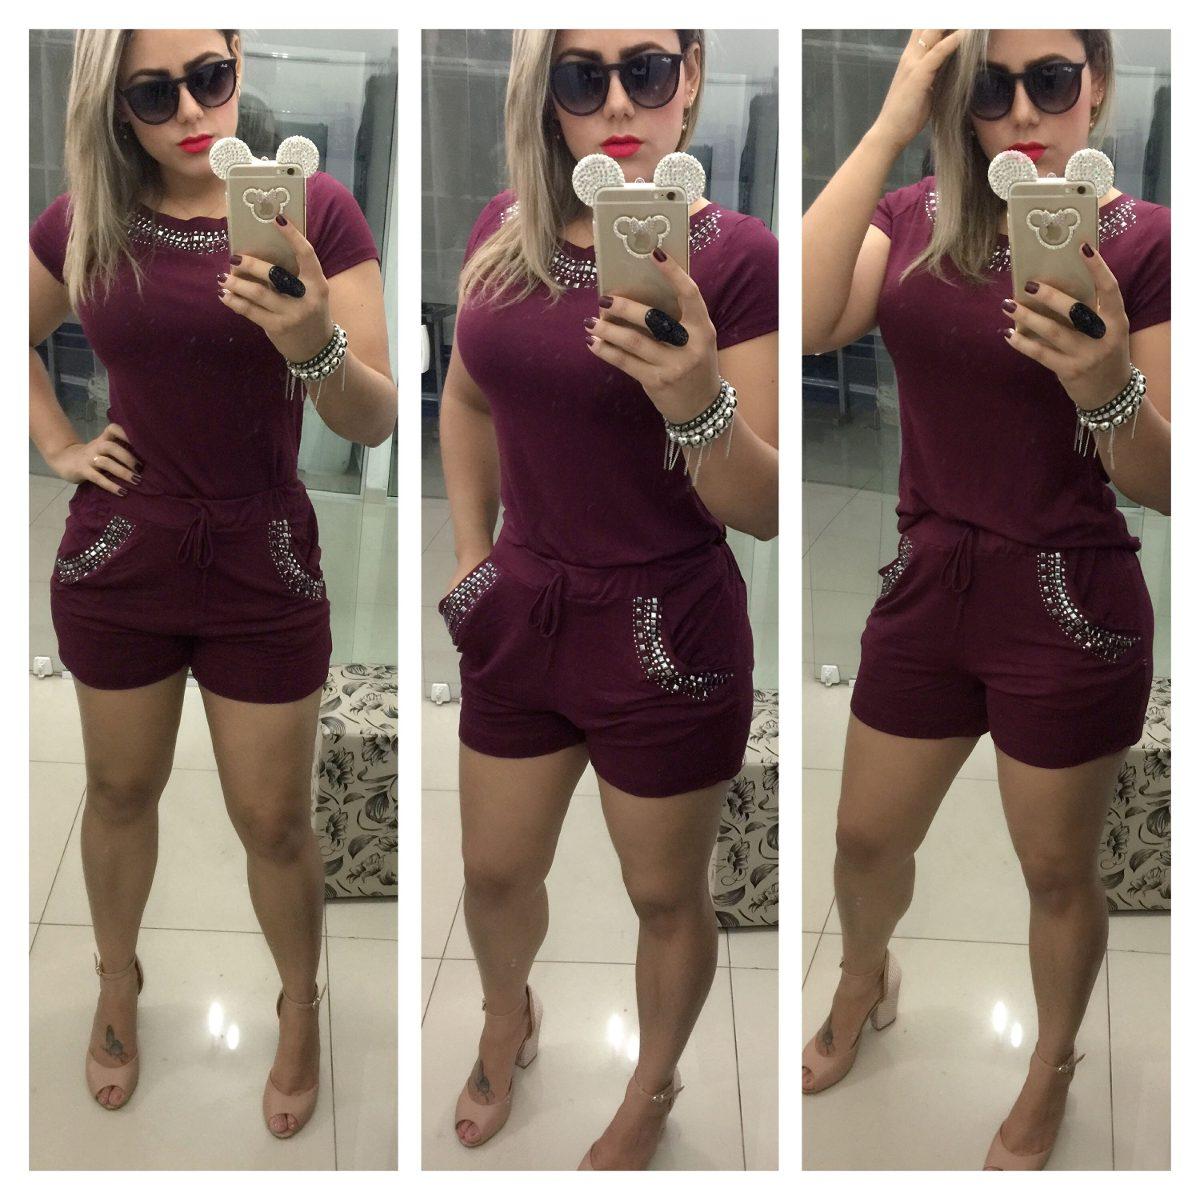 29d3c8c18 Conjunto Feminino Com Pedras Roupas Da Moda São Paulo - R$ 129,90 em ...